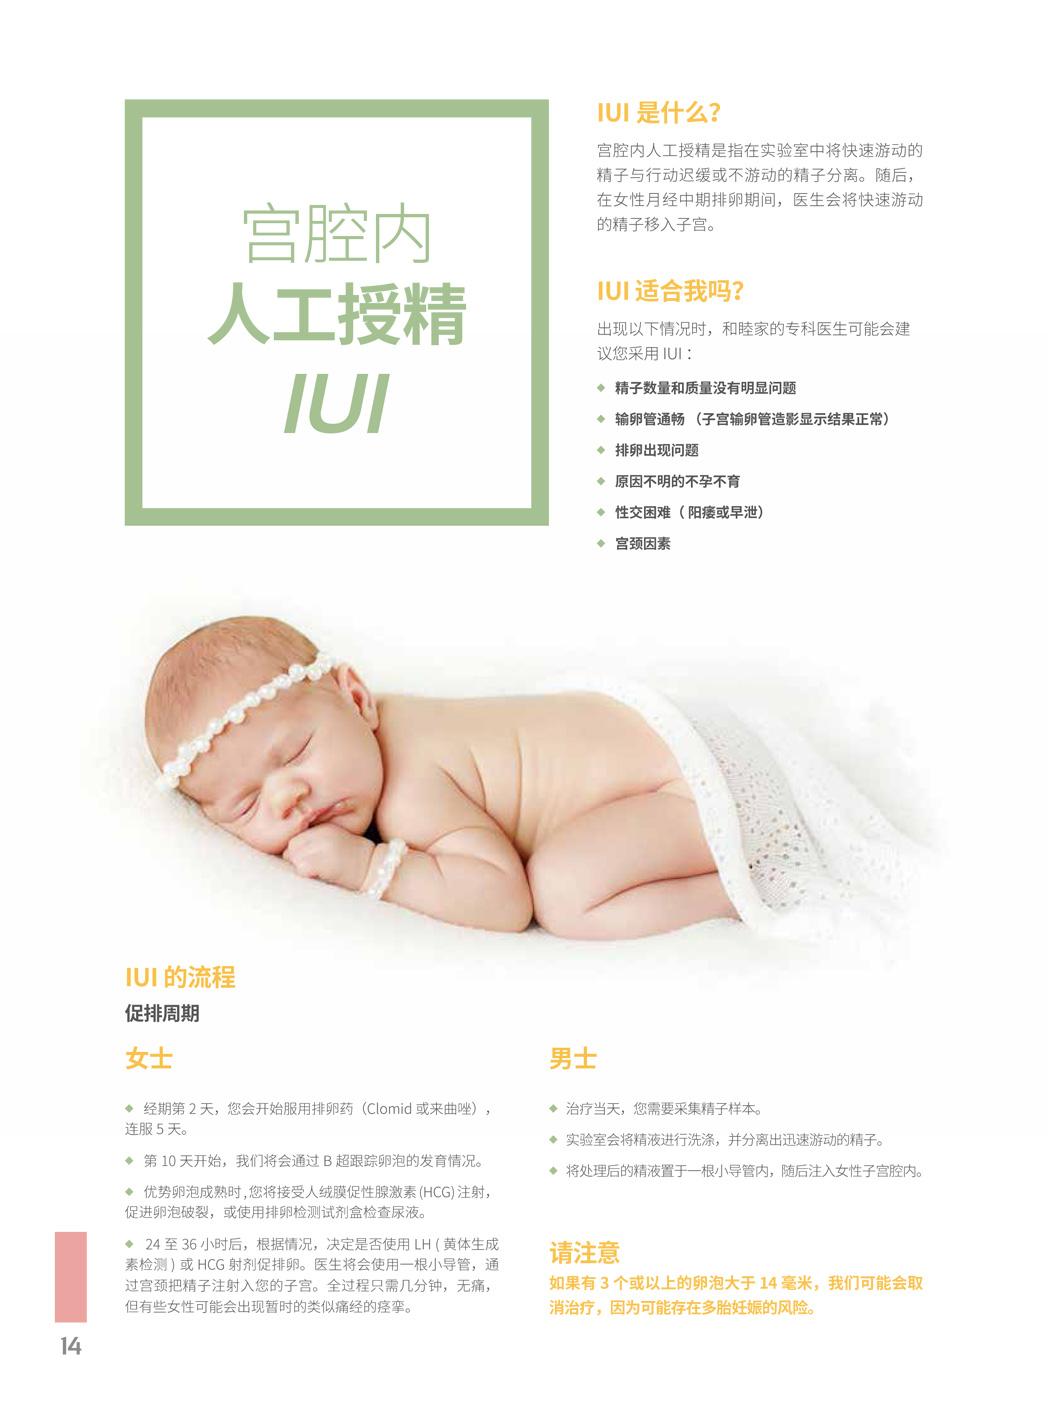 ivf_cn_20170814%e5%8d%95-141